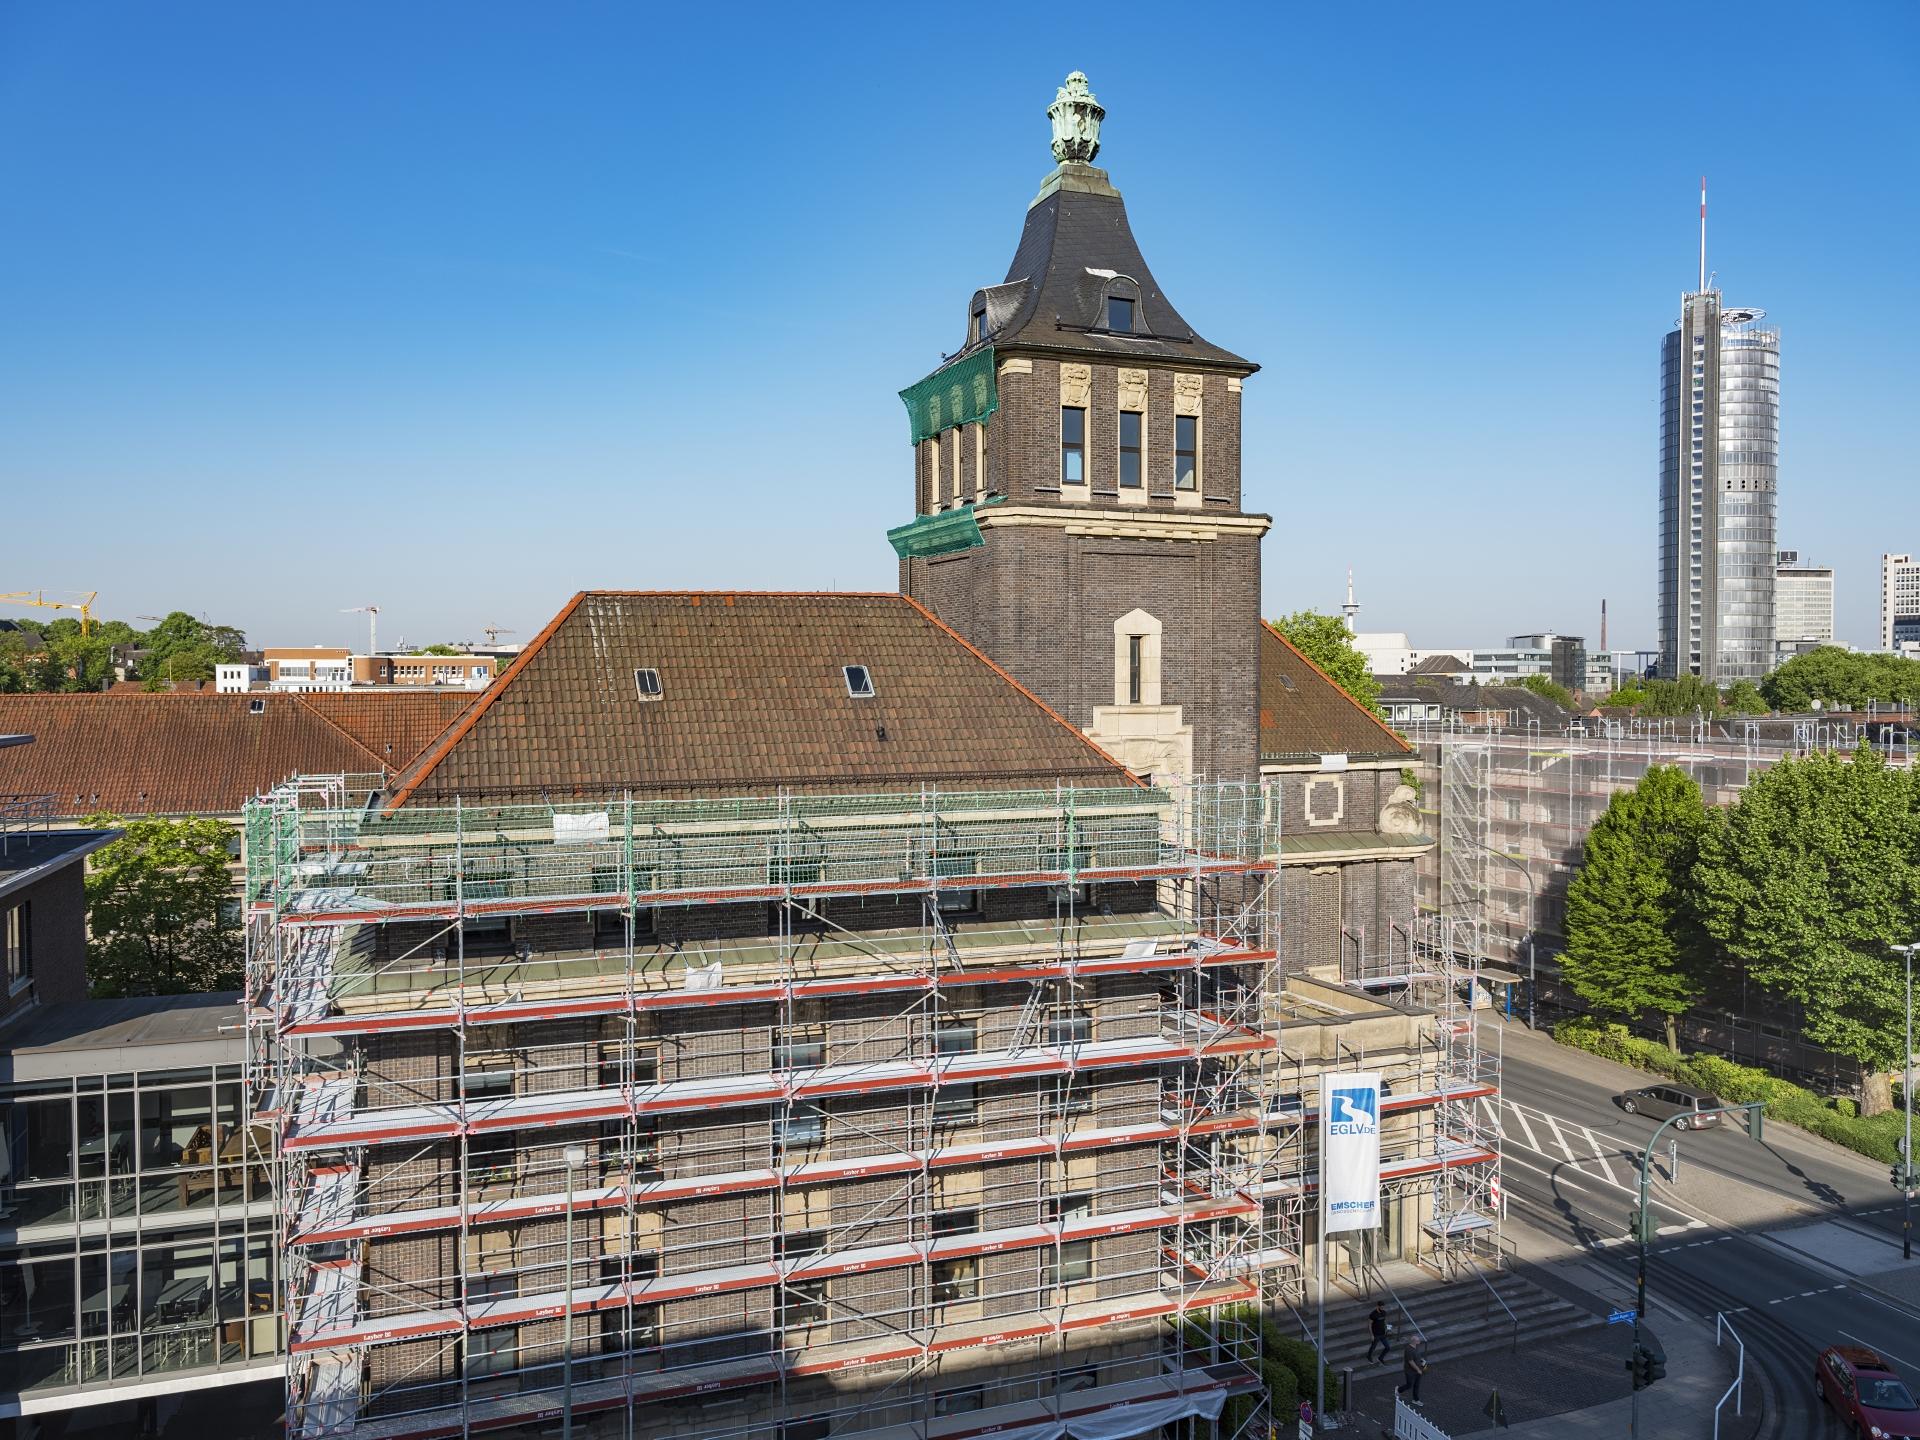 Das Emscher-Haus erstrahlt im neuen Glanz